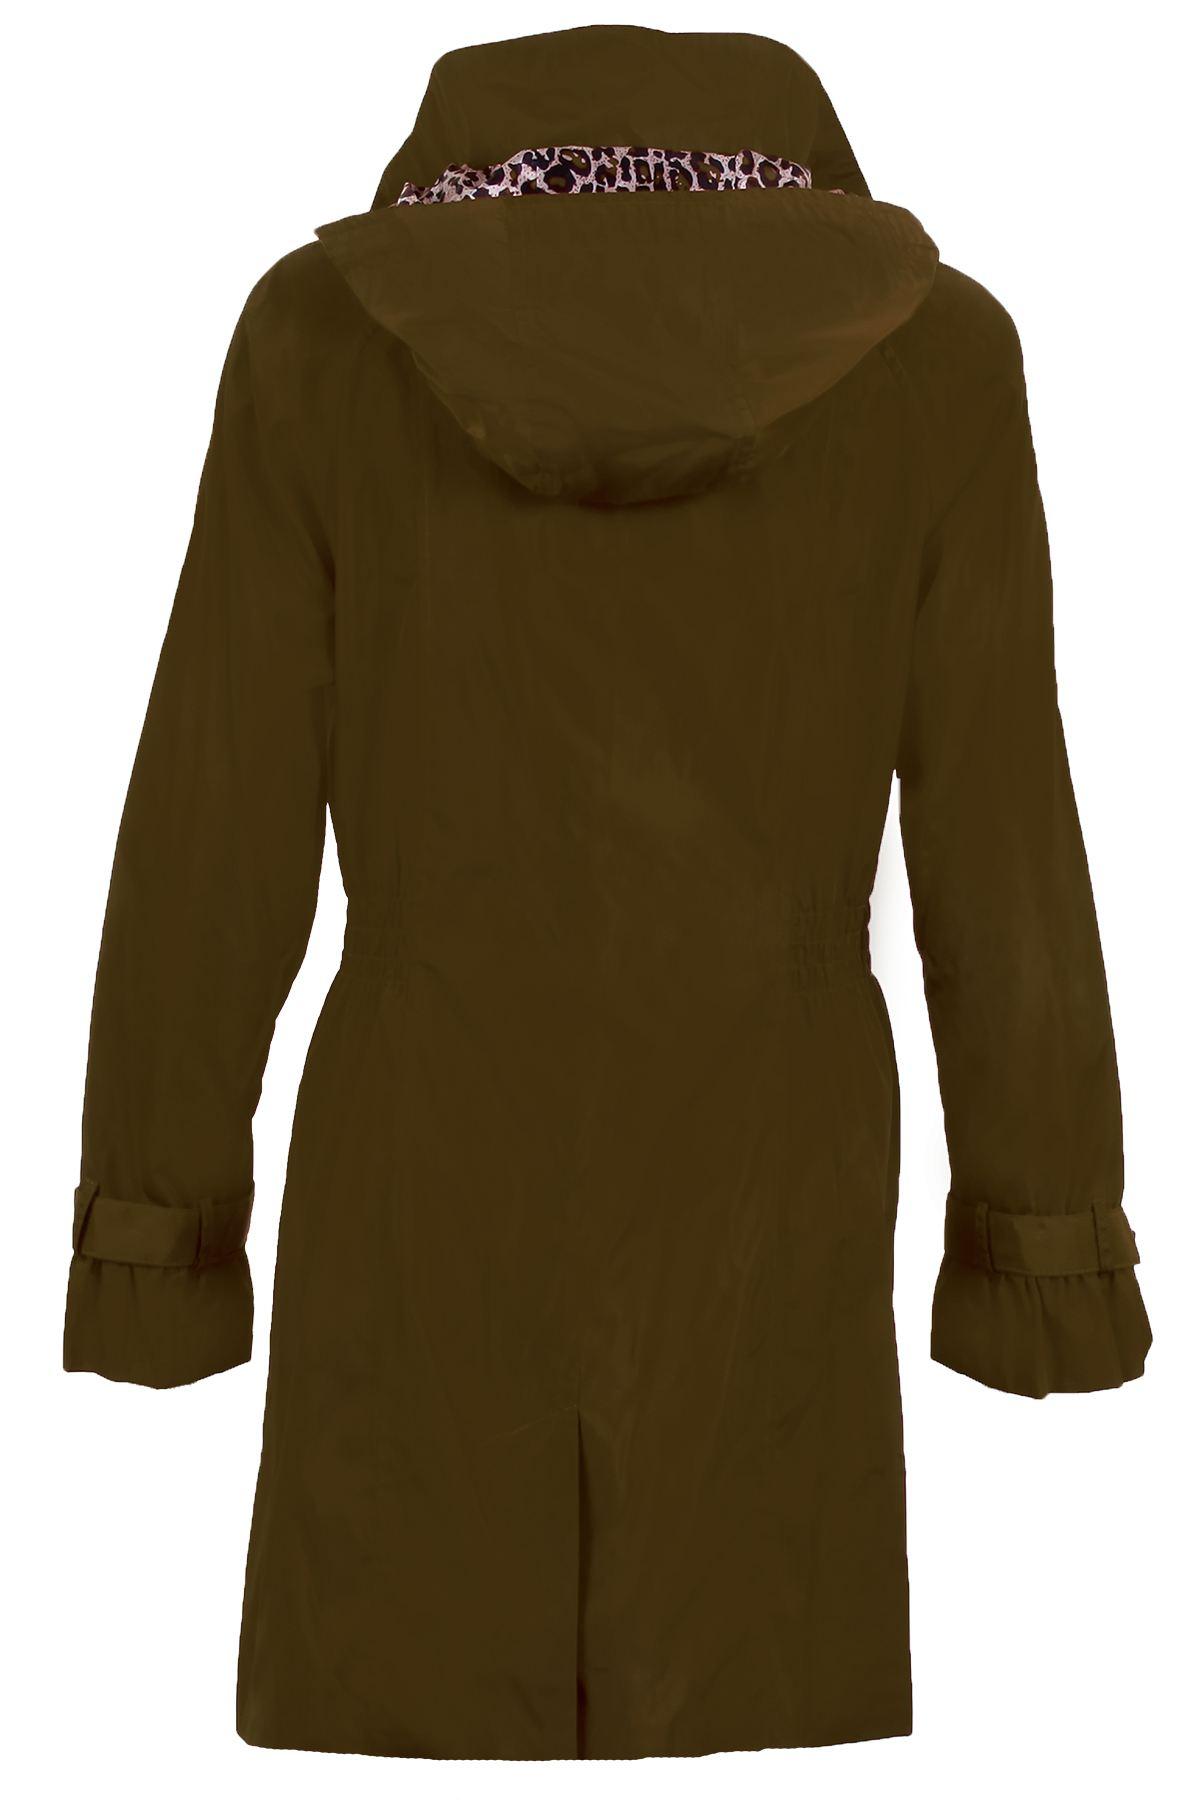 color da Giacca Casual impermeabile donna con da cappuccio con cachi Giacca donna cappuccio staccabile foderato gdOnTZ